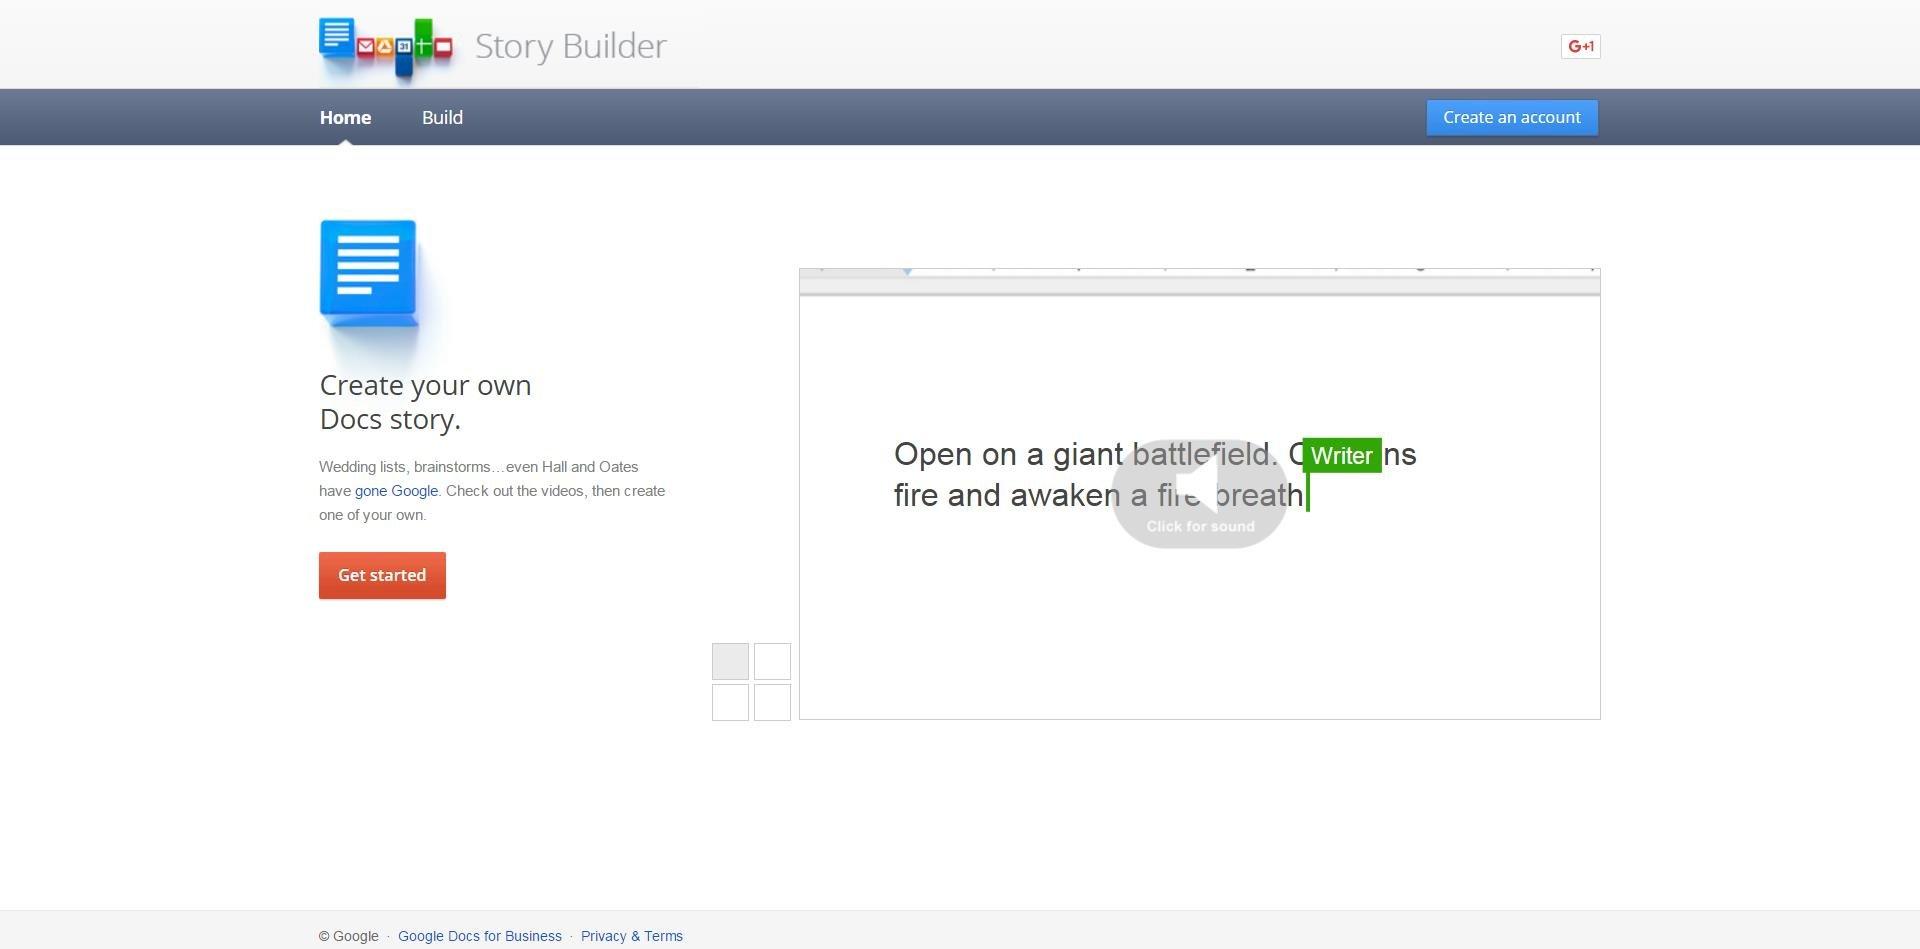 Google Story Builder. Narrazioni semplici ed interattive